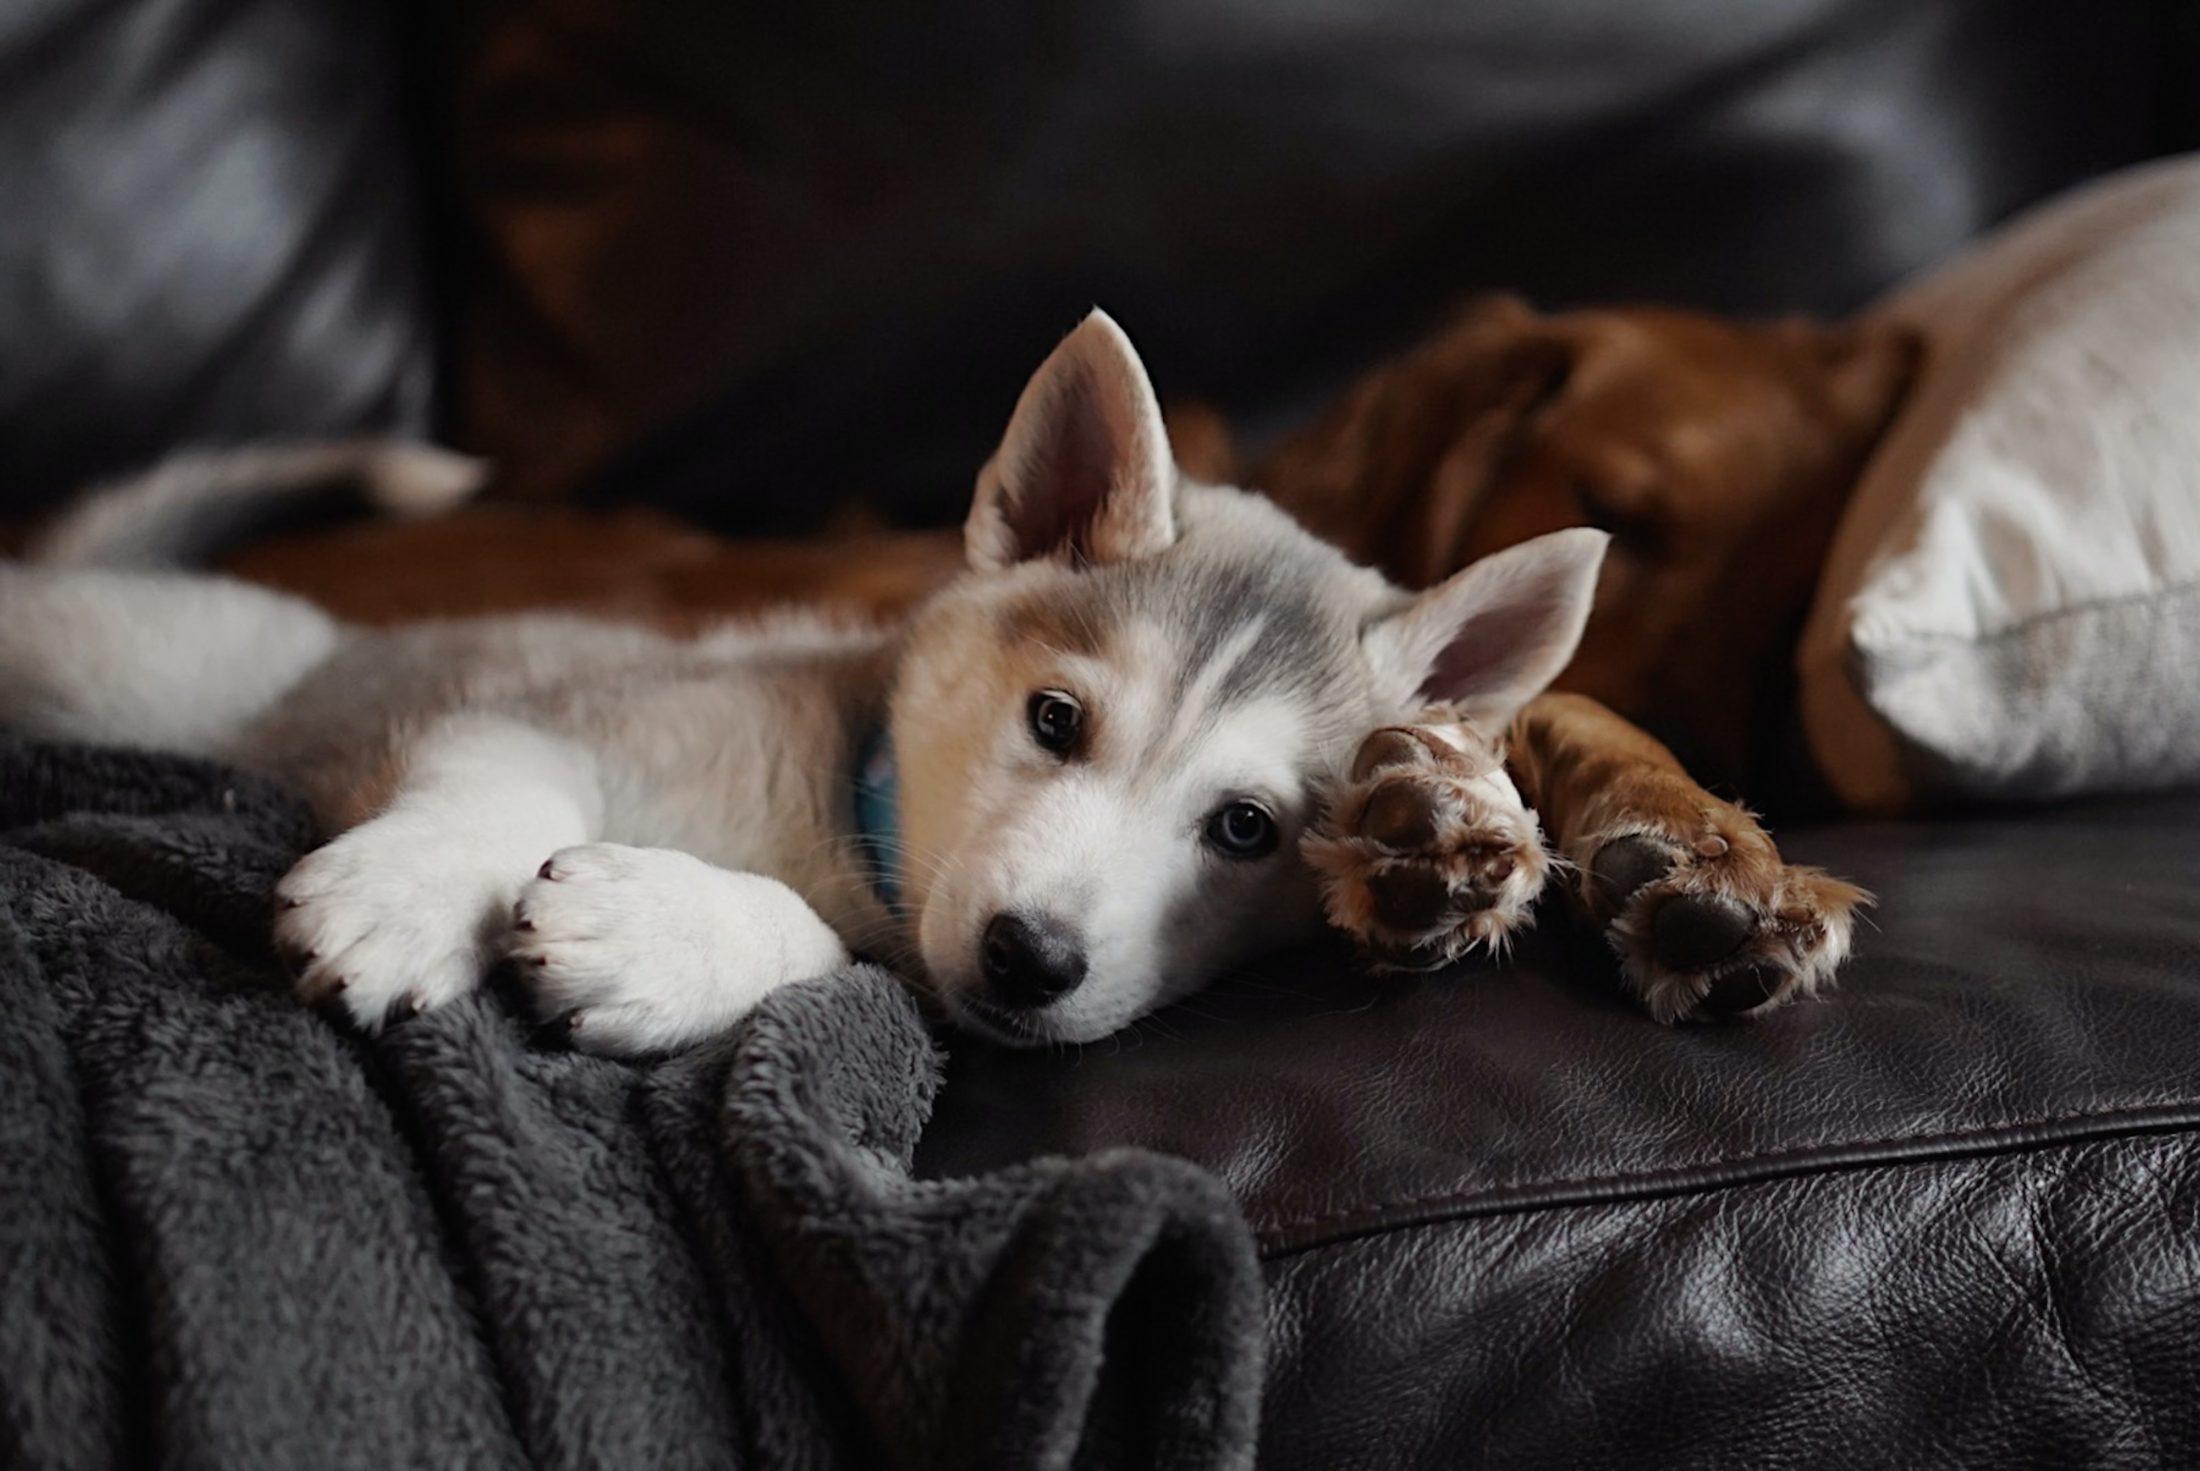 cachorro fêmea husky siberiano deitado no sofá com outro cachorro